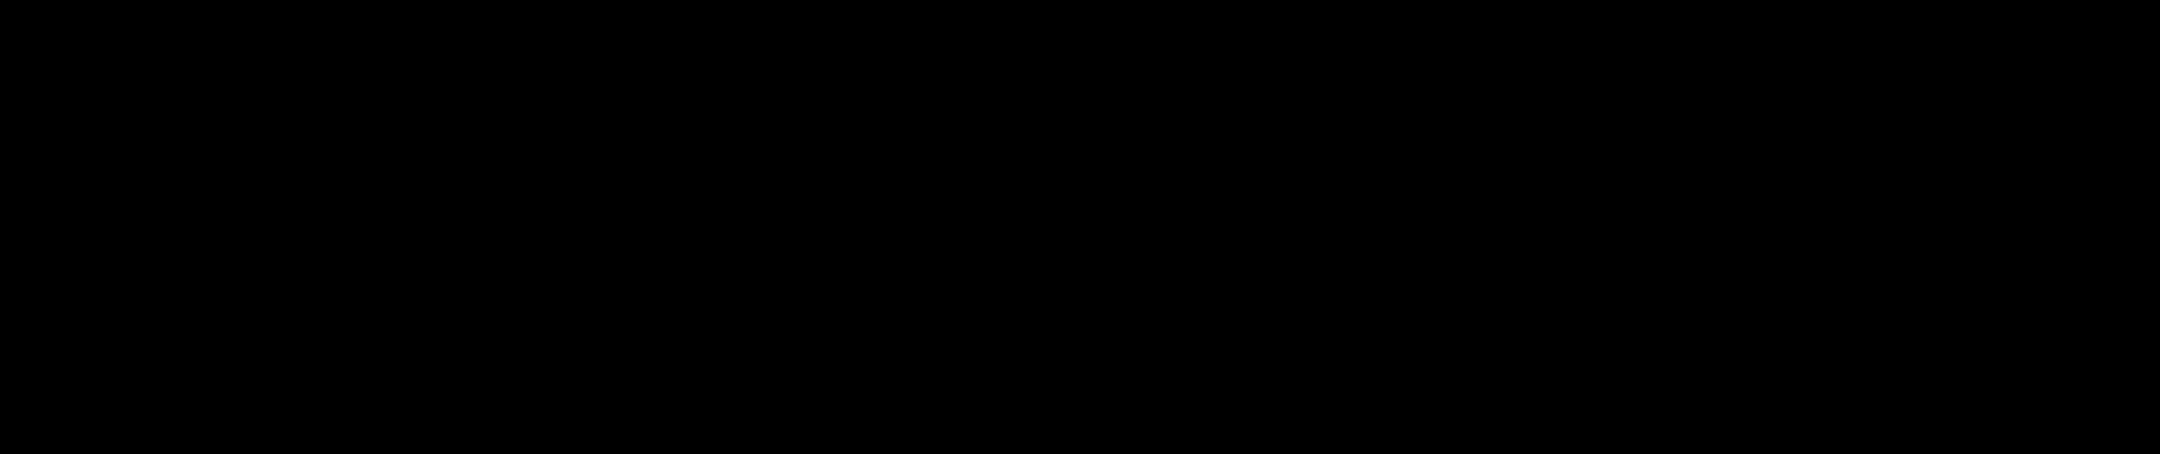 pny logo 1 - PNY Logo